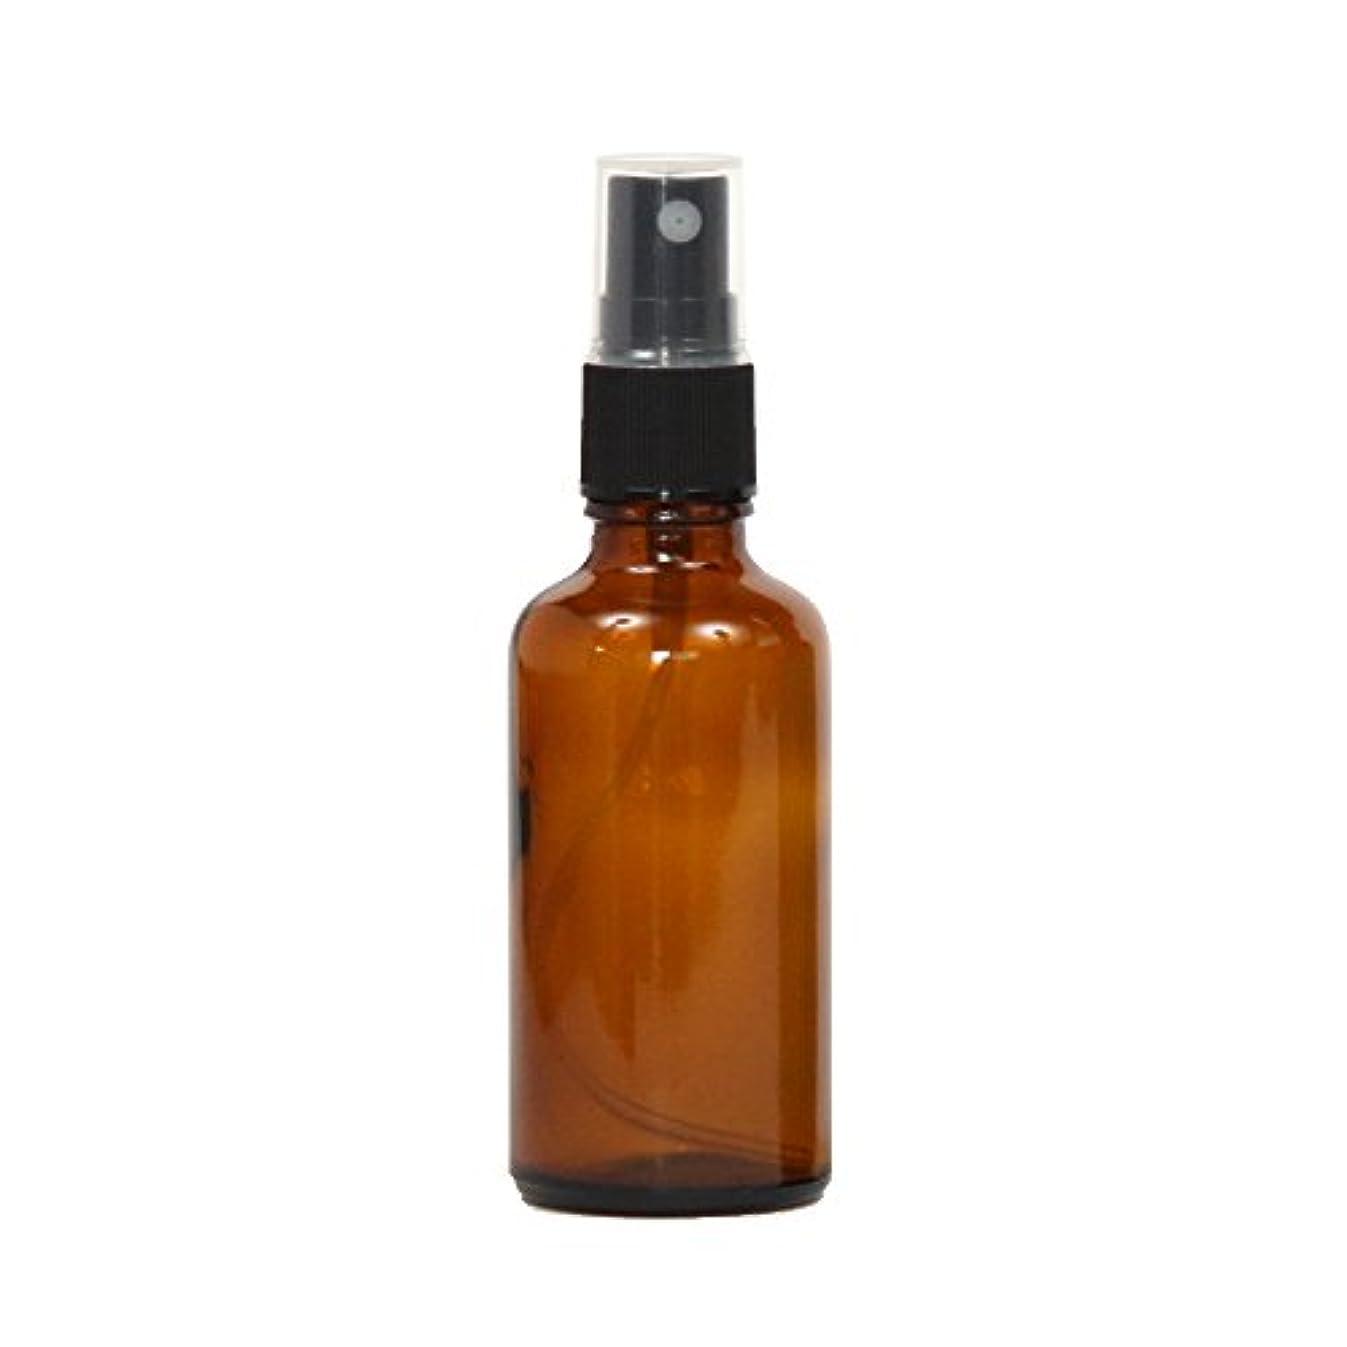 苦しめる悪因子変装スプレーボトル ガラス瓶 50mL 遮光性ブラウン(アンバー) おしゃれアトマイザー ミスト空容器br50g